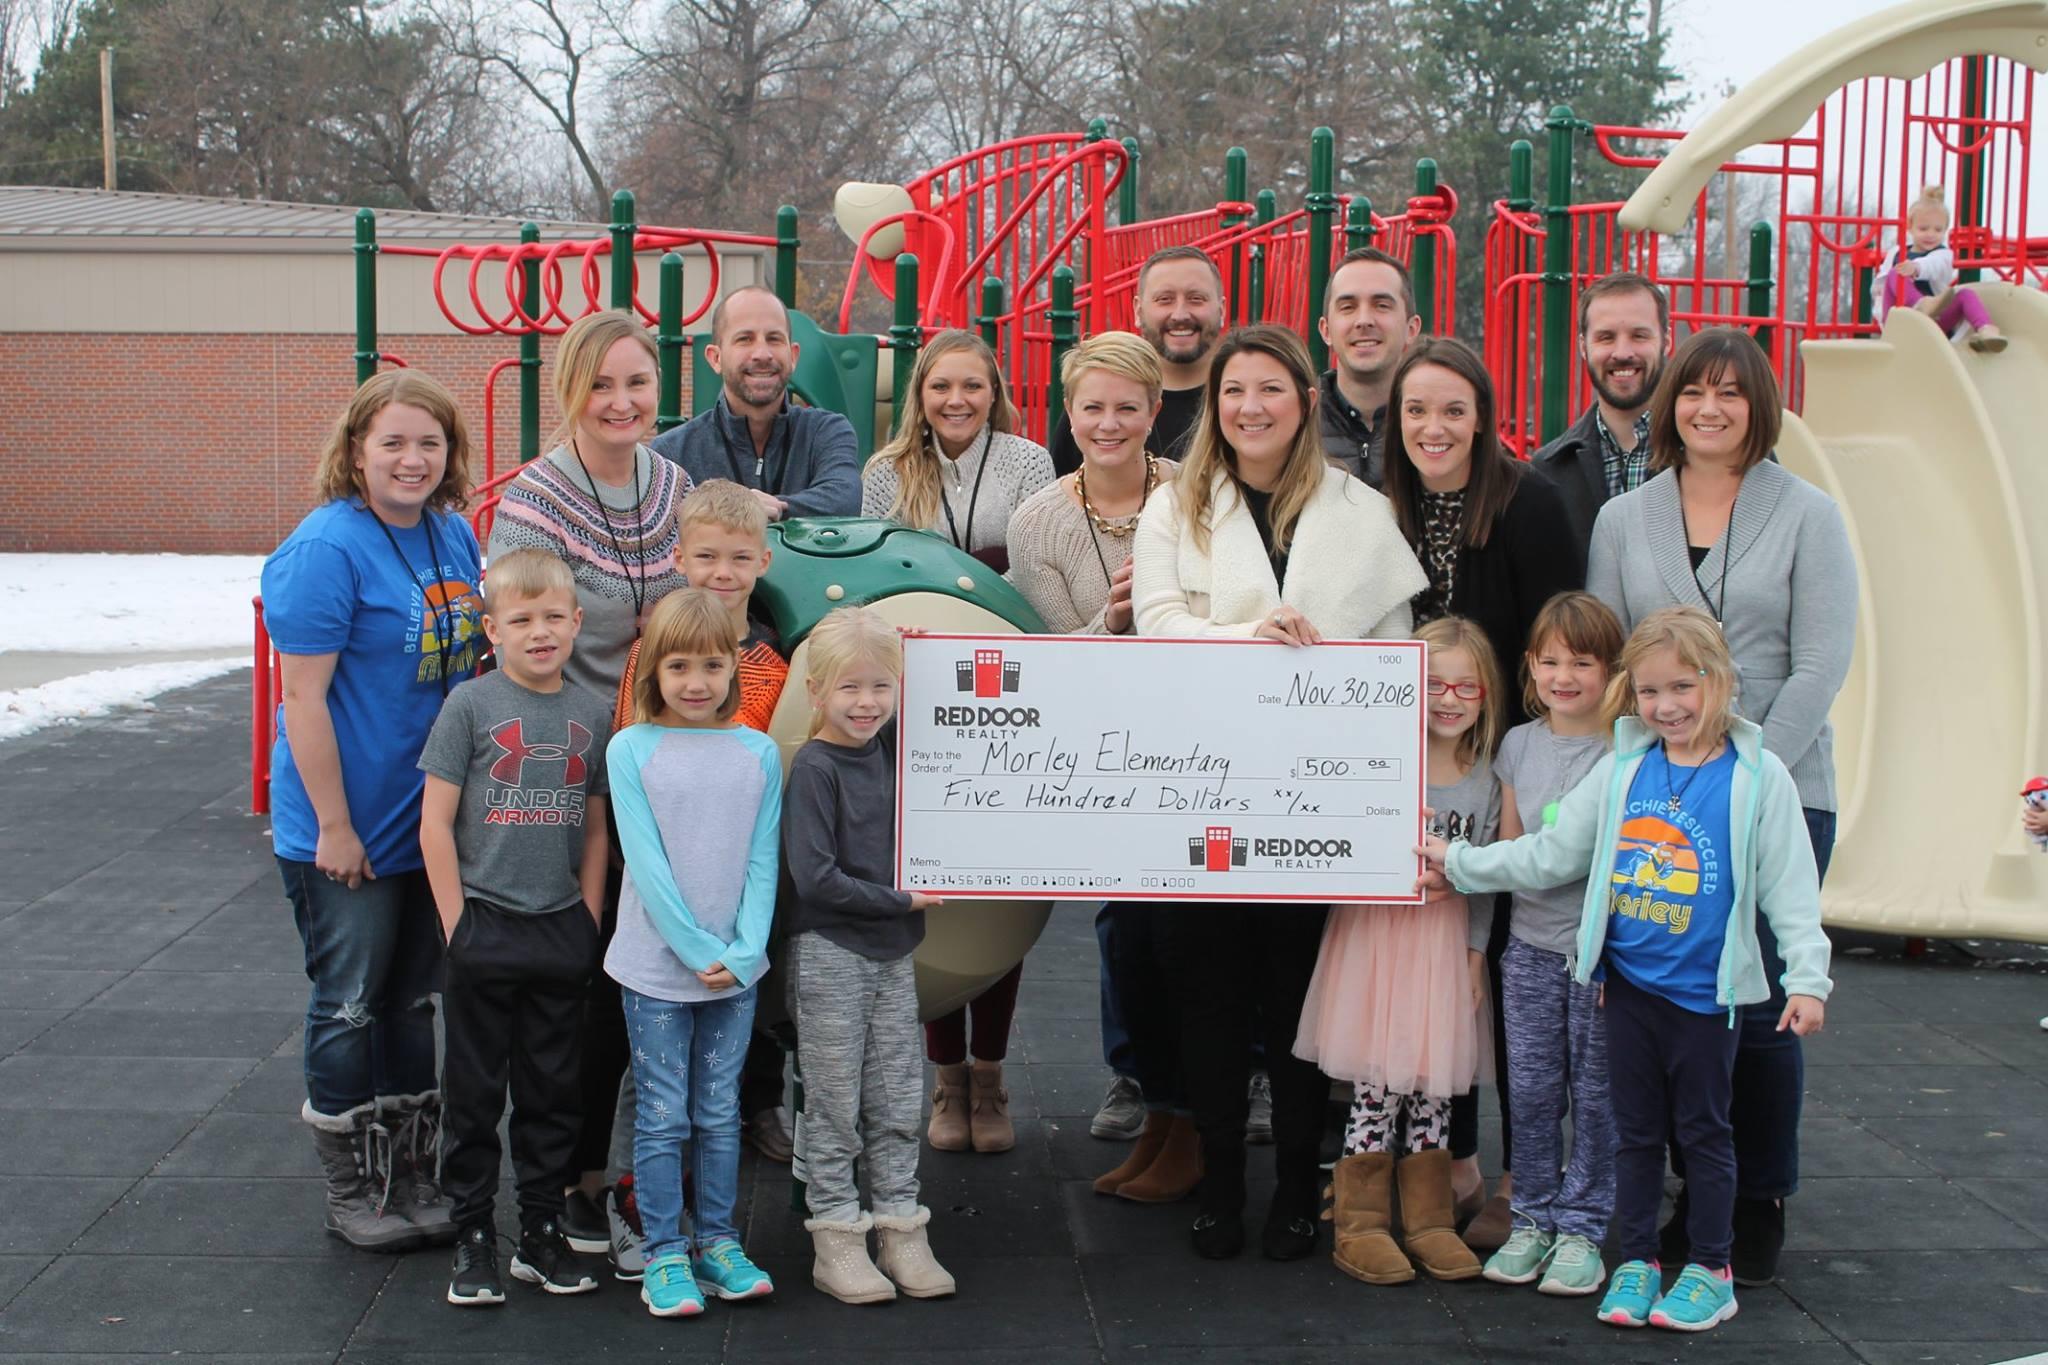 Morley Elementary School Playground Fund